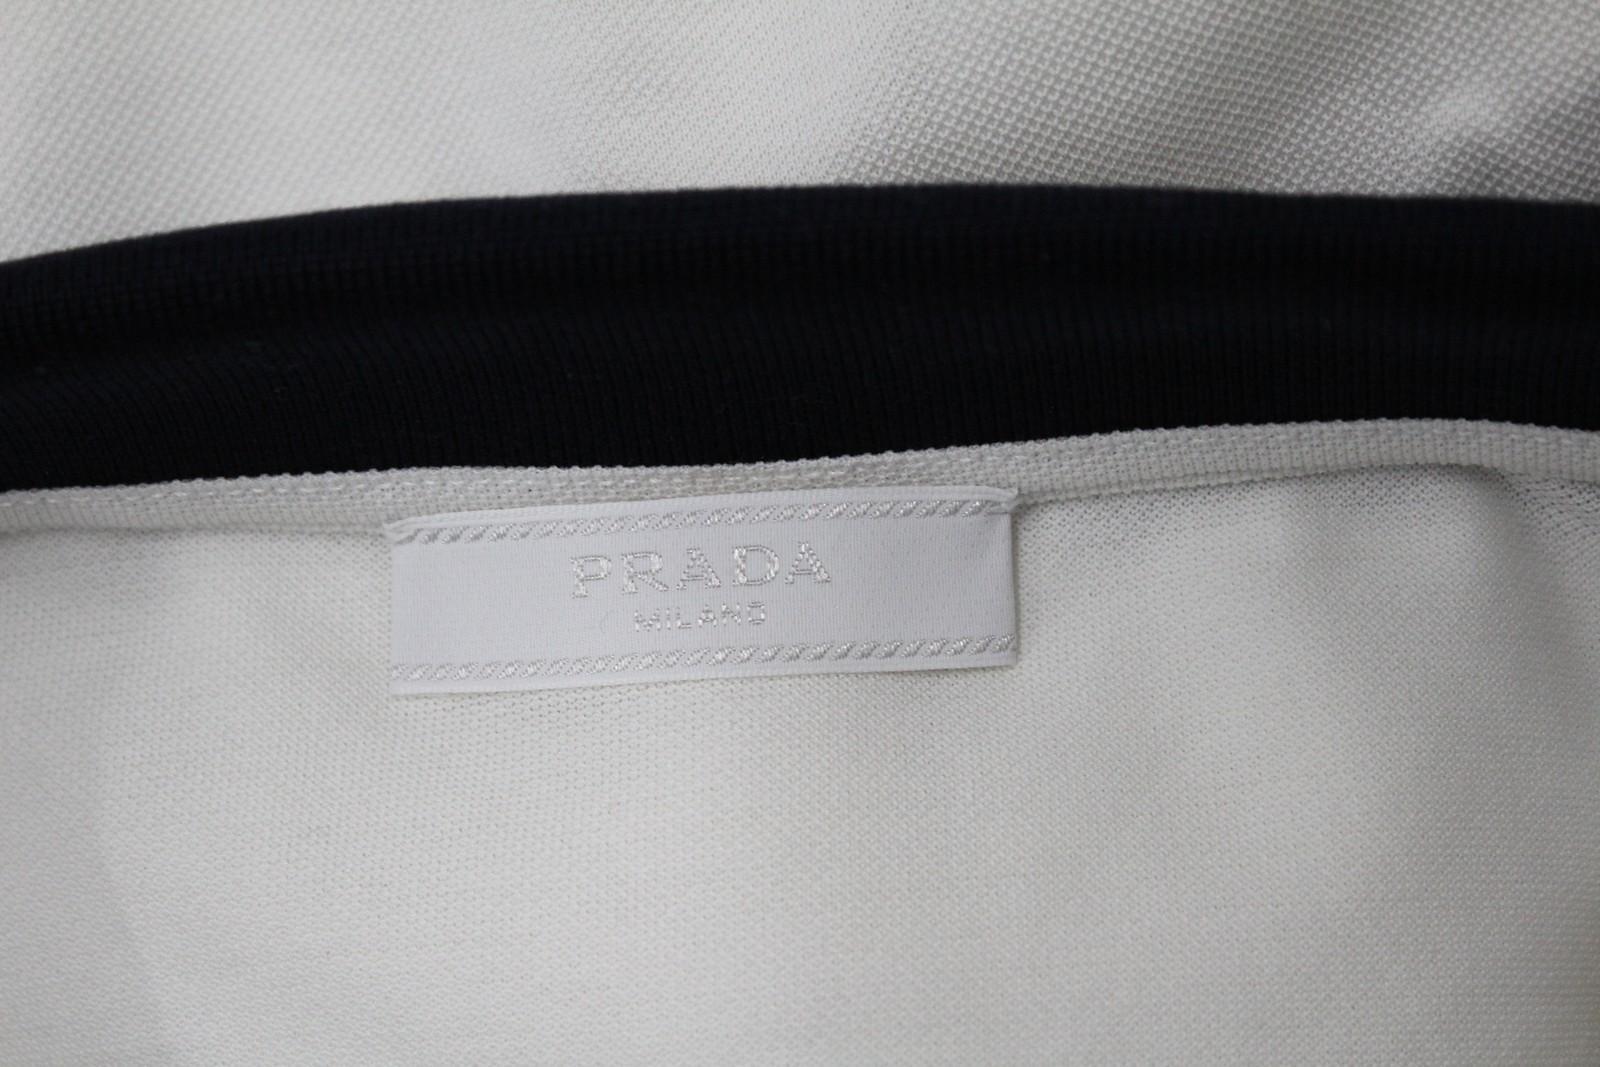 PRADA-Uomo-Avorio-Blu-Navy-Cotone-Maniche-Corte-Con-Colletto-Collo-Polo-XL miniatura 8